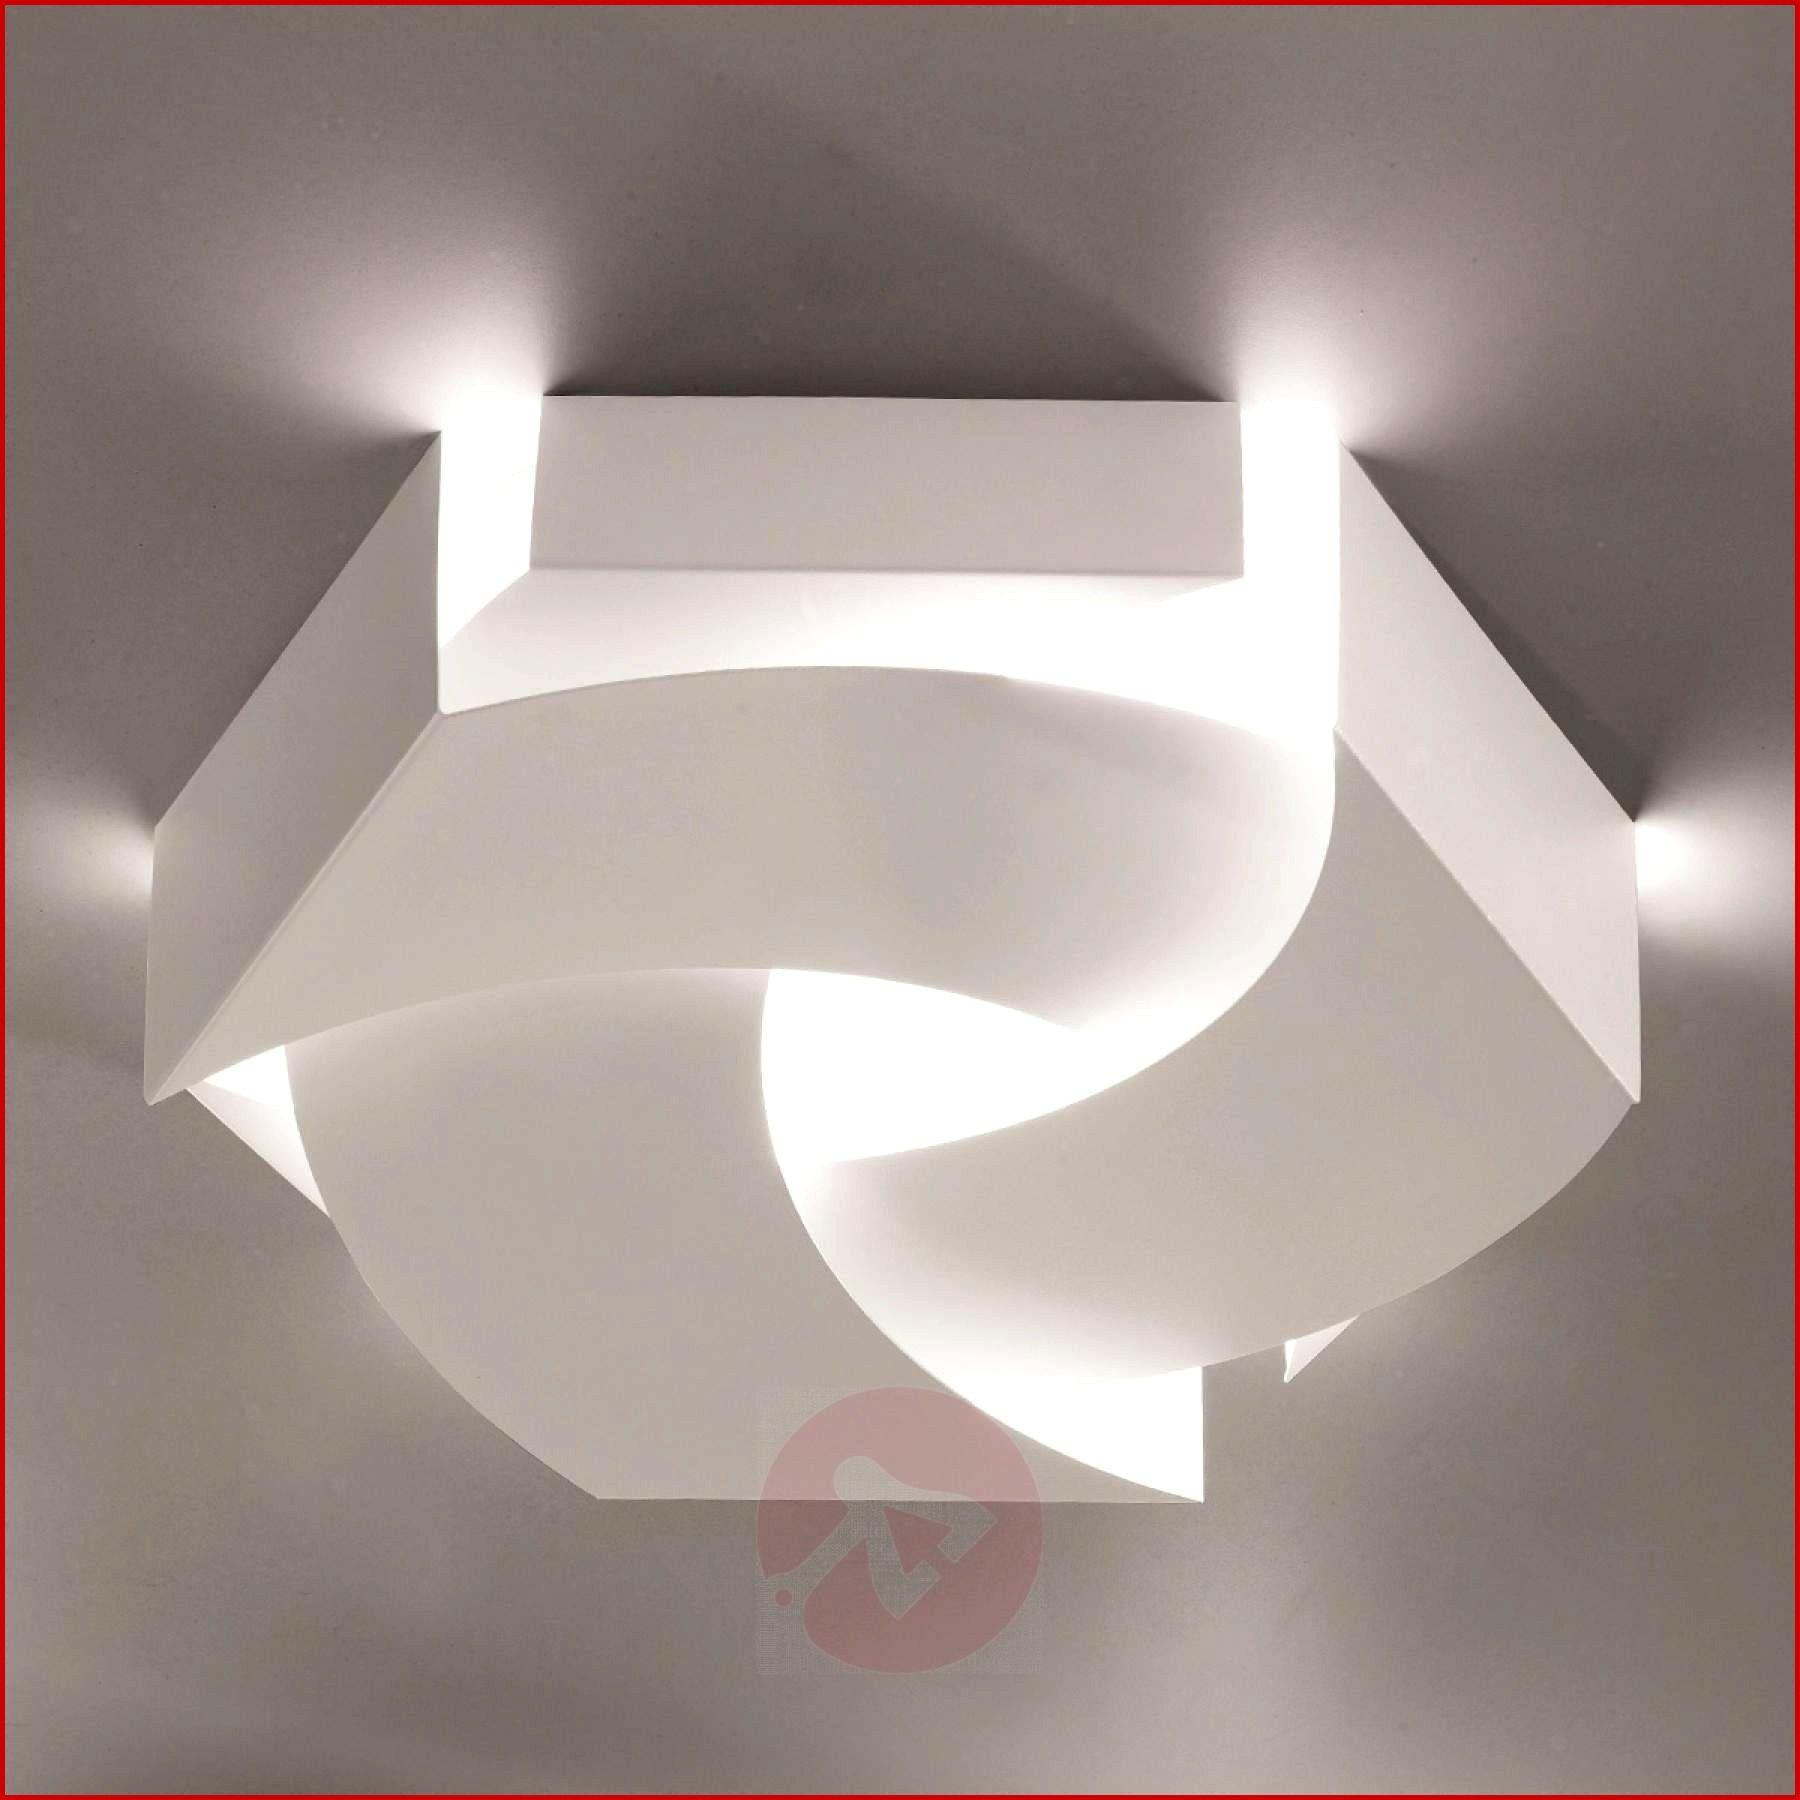 Full Size of Lampen Obi Und Leuchten Fr Dein Schnes Zuhause Badezimmer Regale Bad Led Deckenlampen Für Wohnzimmer Modern Mobile Küche Nobilia Immobilien Homburg Wohnzimmer Lampen Obi